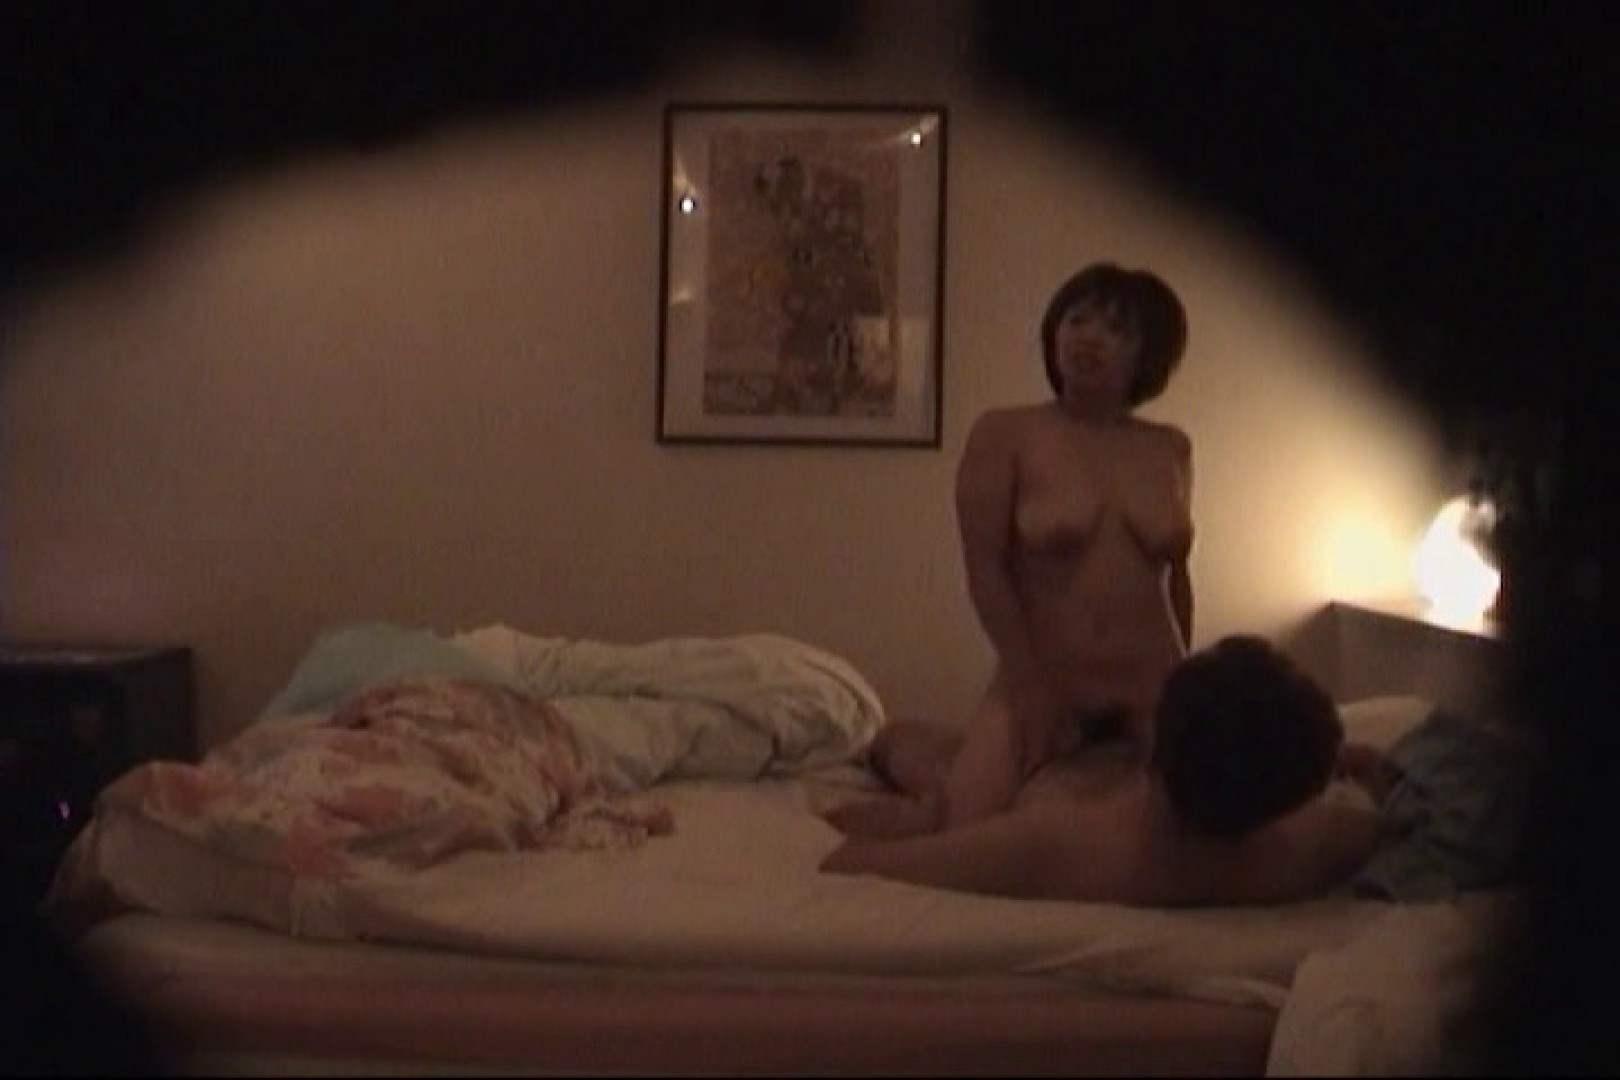 デリ嬢マル秘撮り本物投稿版④ ホテル潜入   おっぱい  51pic 32